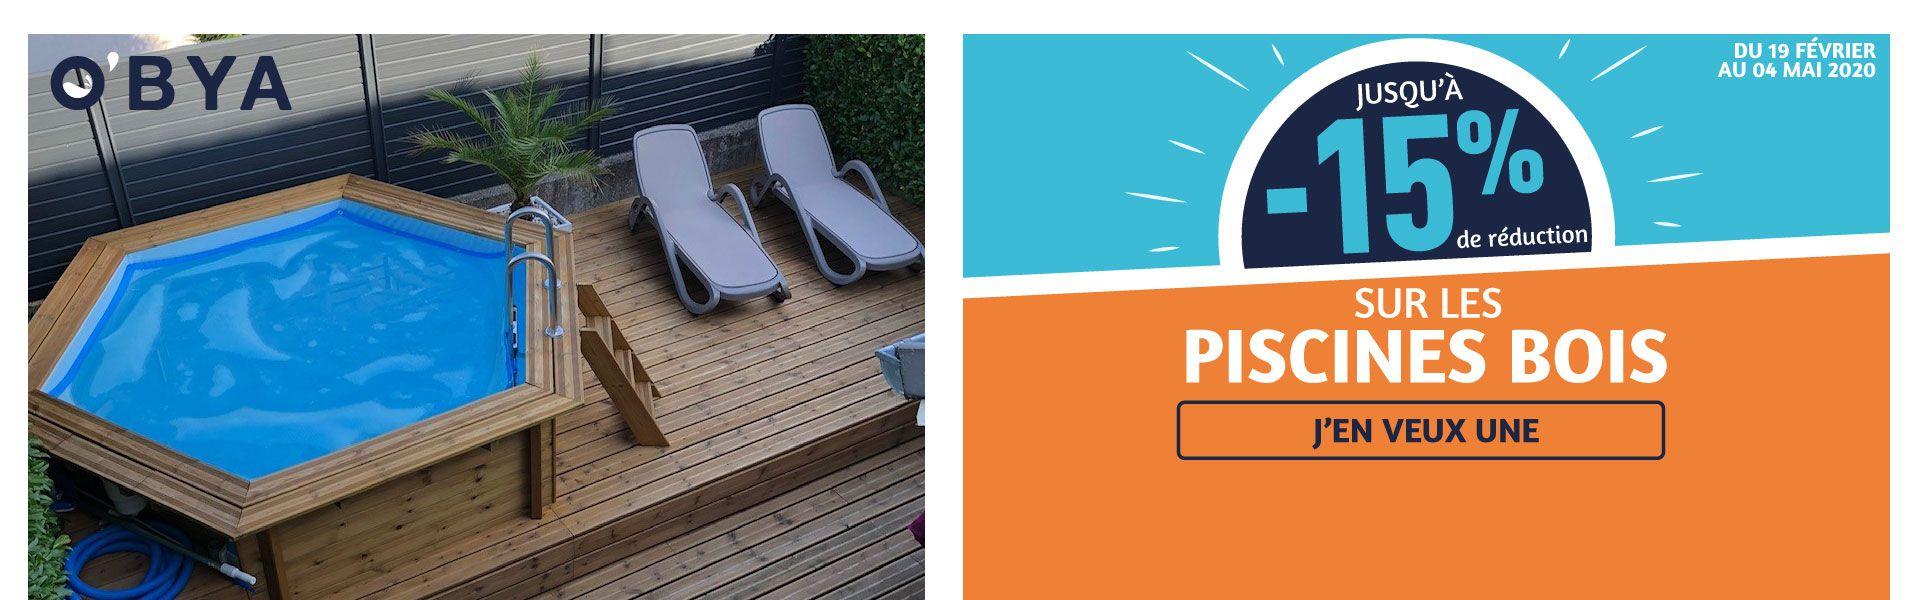 Cash Piscines - Tout Pour La Piscine & Spas Gonflables ... tout Piscine Discount Firminy